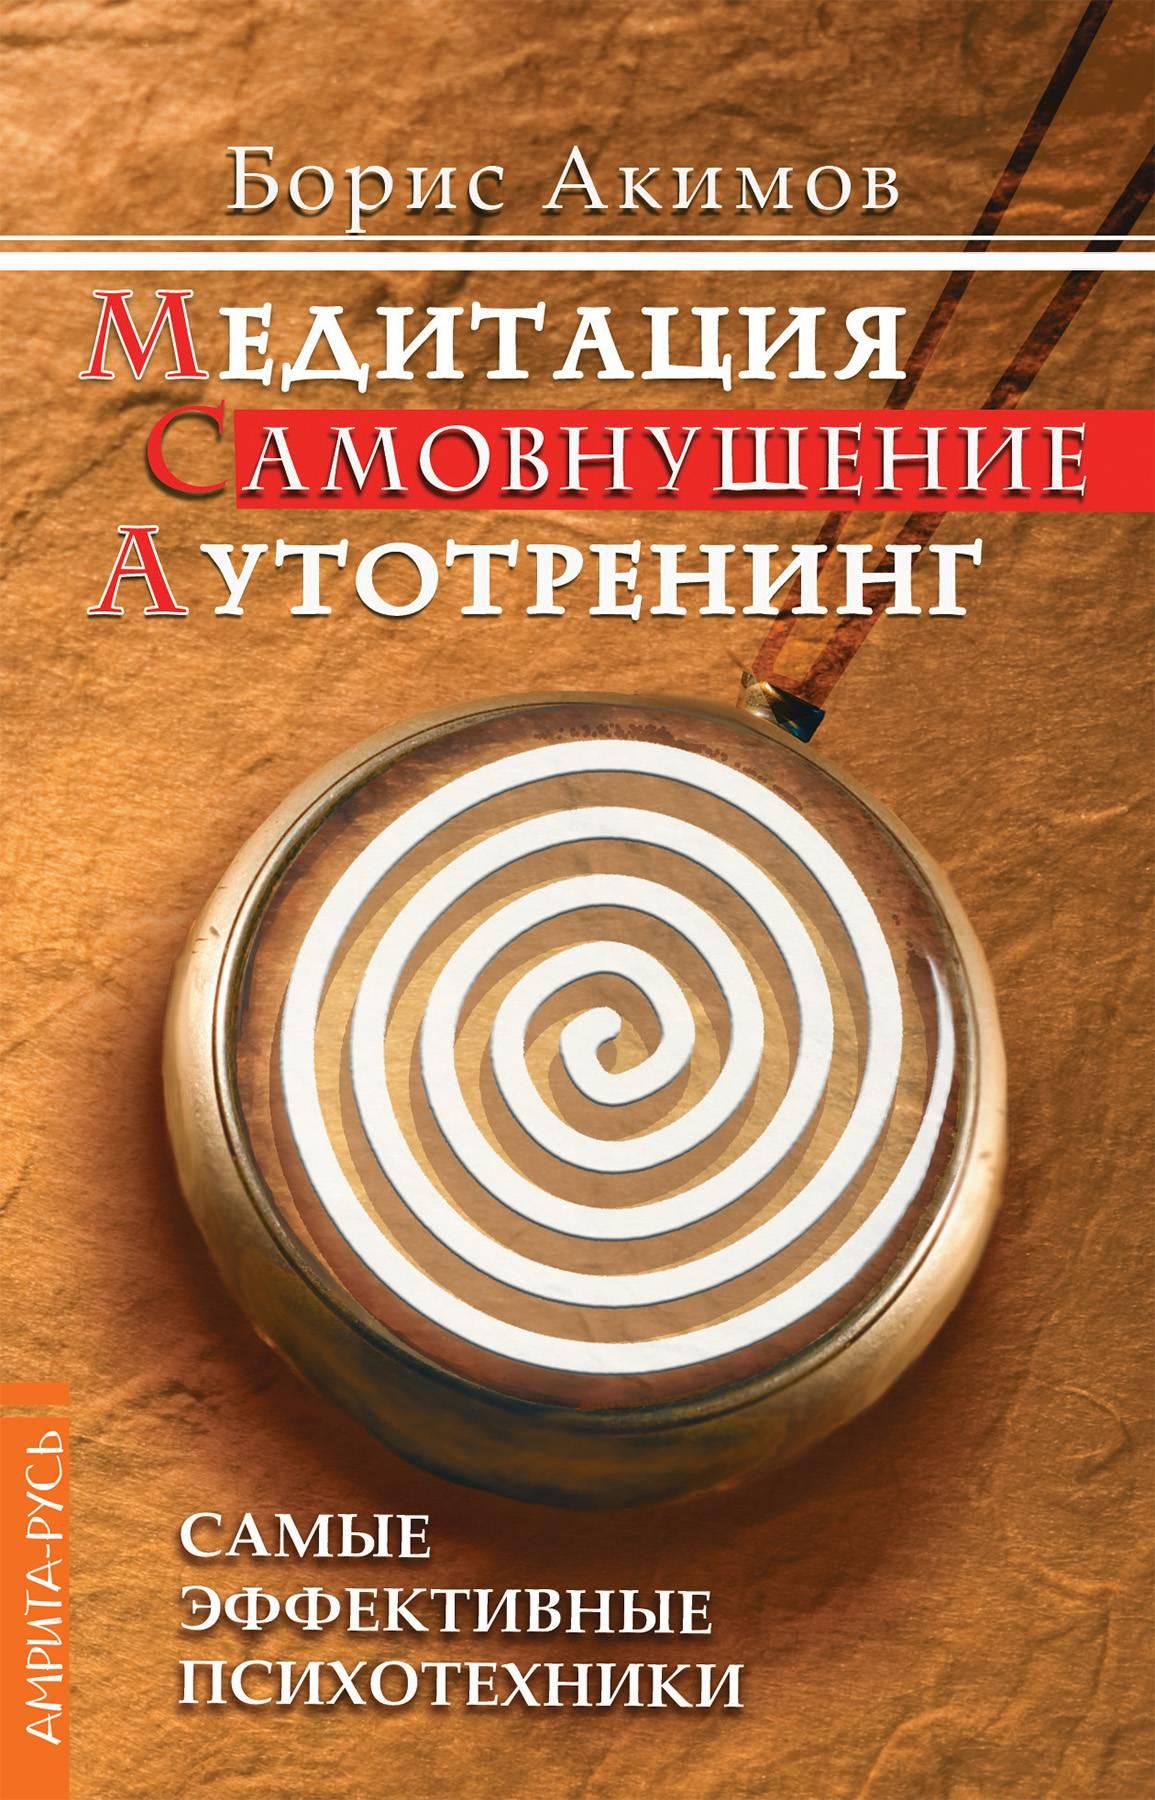 Читать книгу медитация. самовнушение. аутотренинг. самые эффективные психотехники бориса акимова : онлайн чтение - страница 1